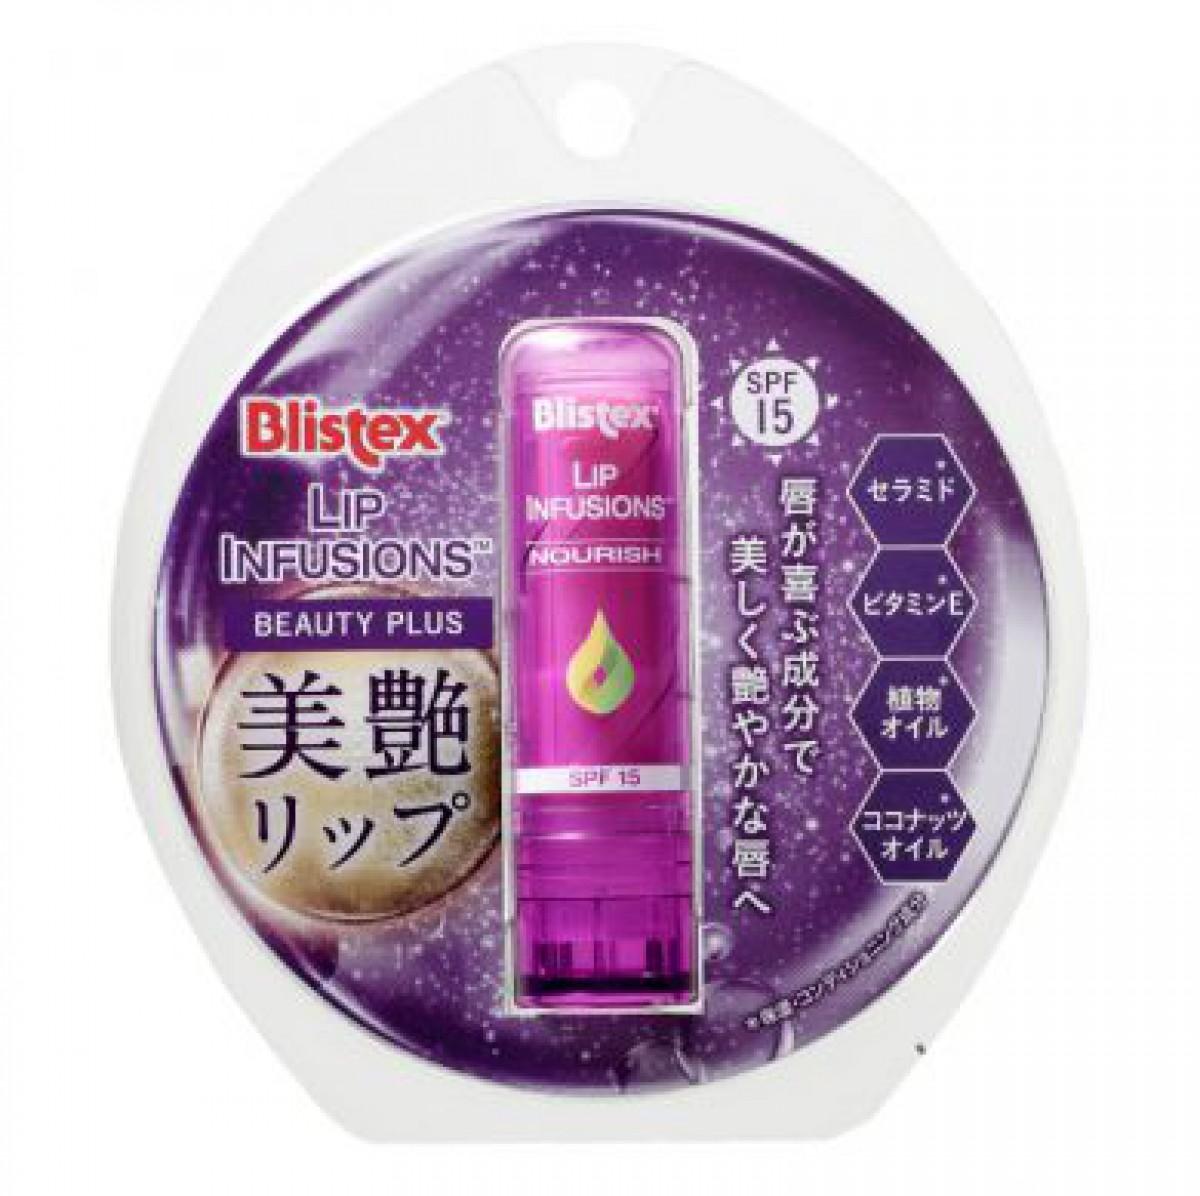 リップケアブランド『Blistex』から 保湿に特化したLIP INFUSIONシリーズ2種!